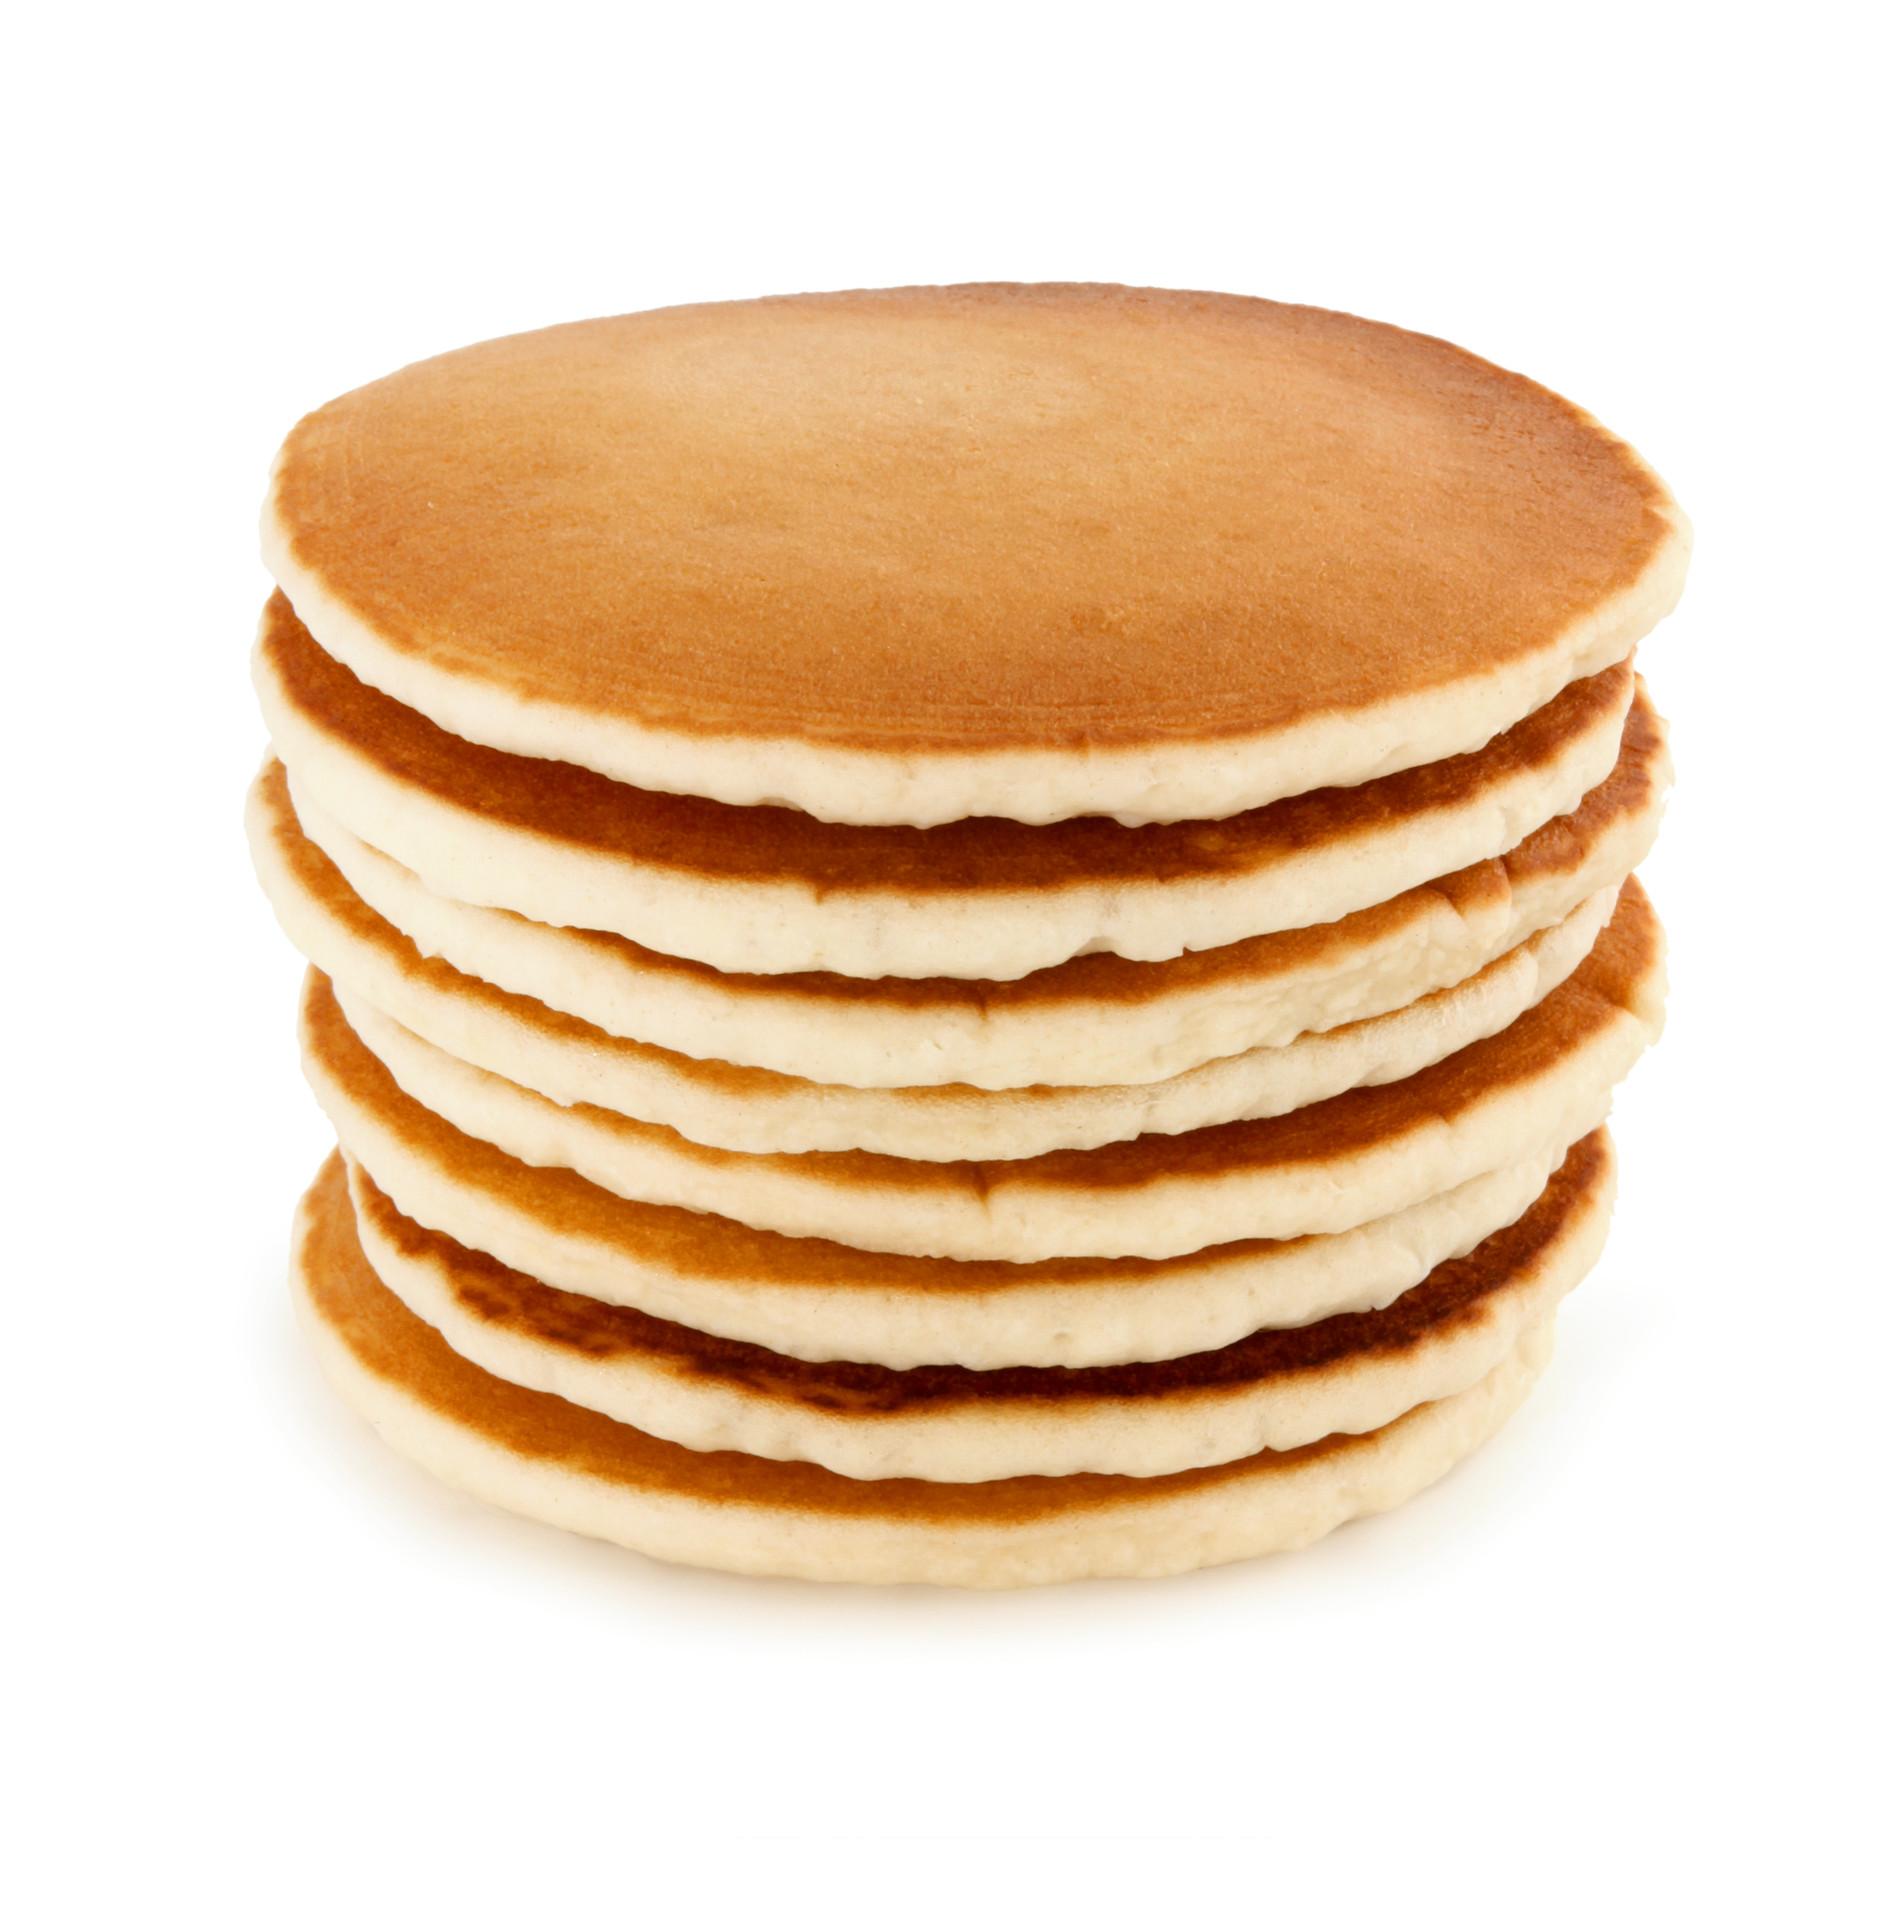 Panquecas Americanas Manteiga 9 cm 25g (0,49€ x 20 Unidades)